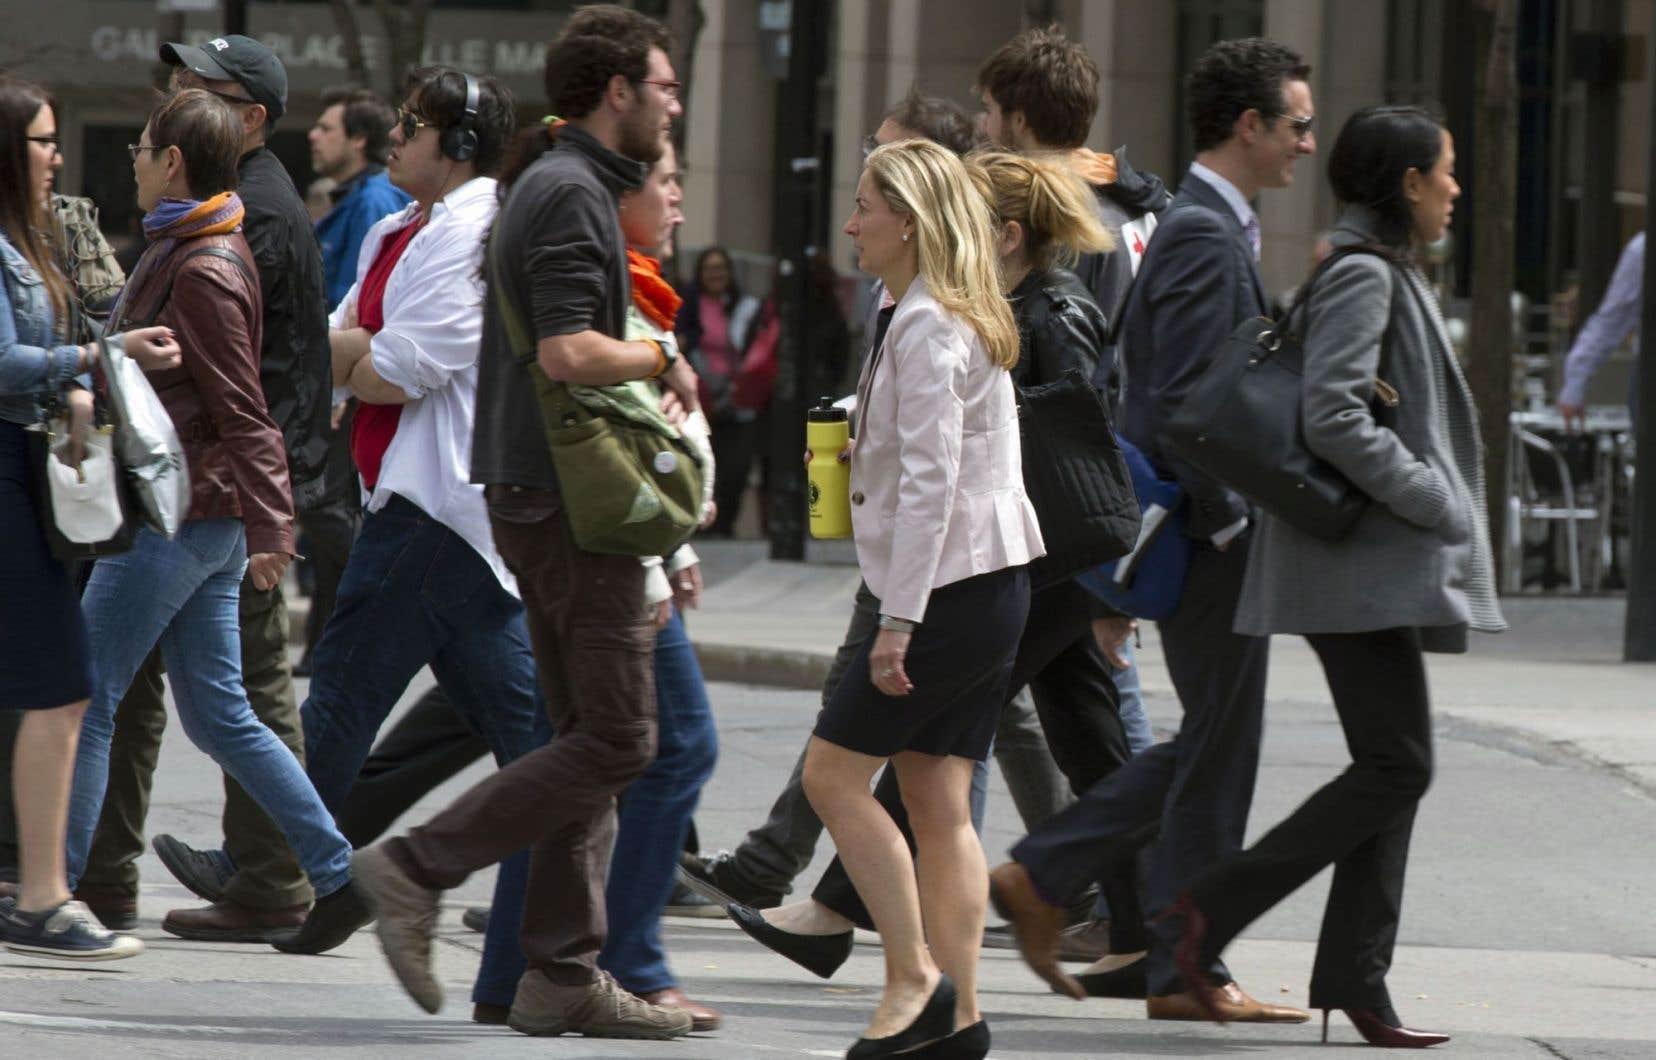 Dans le privé, le salaire horaire moyen des femmes était inférieur de 3,47$ à celui des hommes à la fin de 2015.